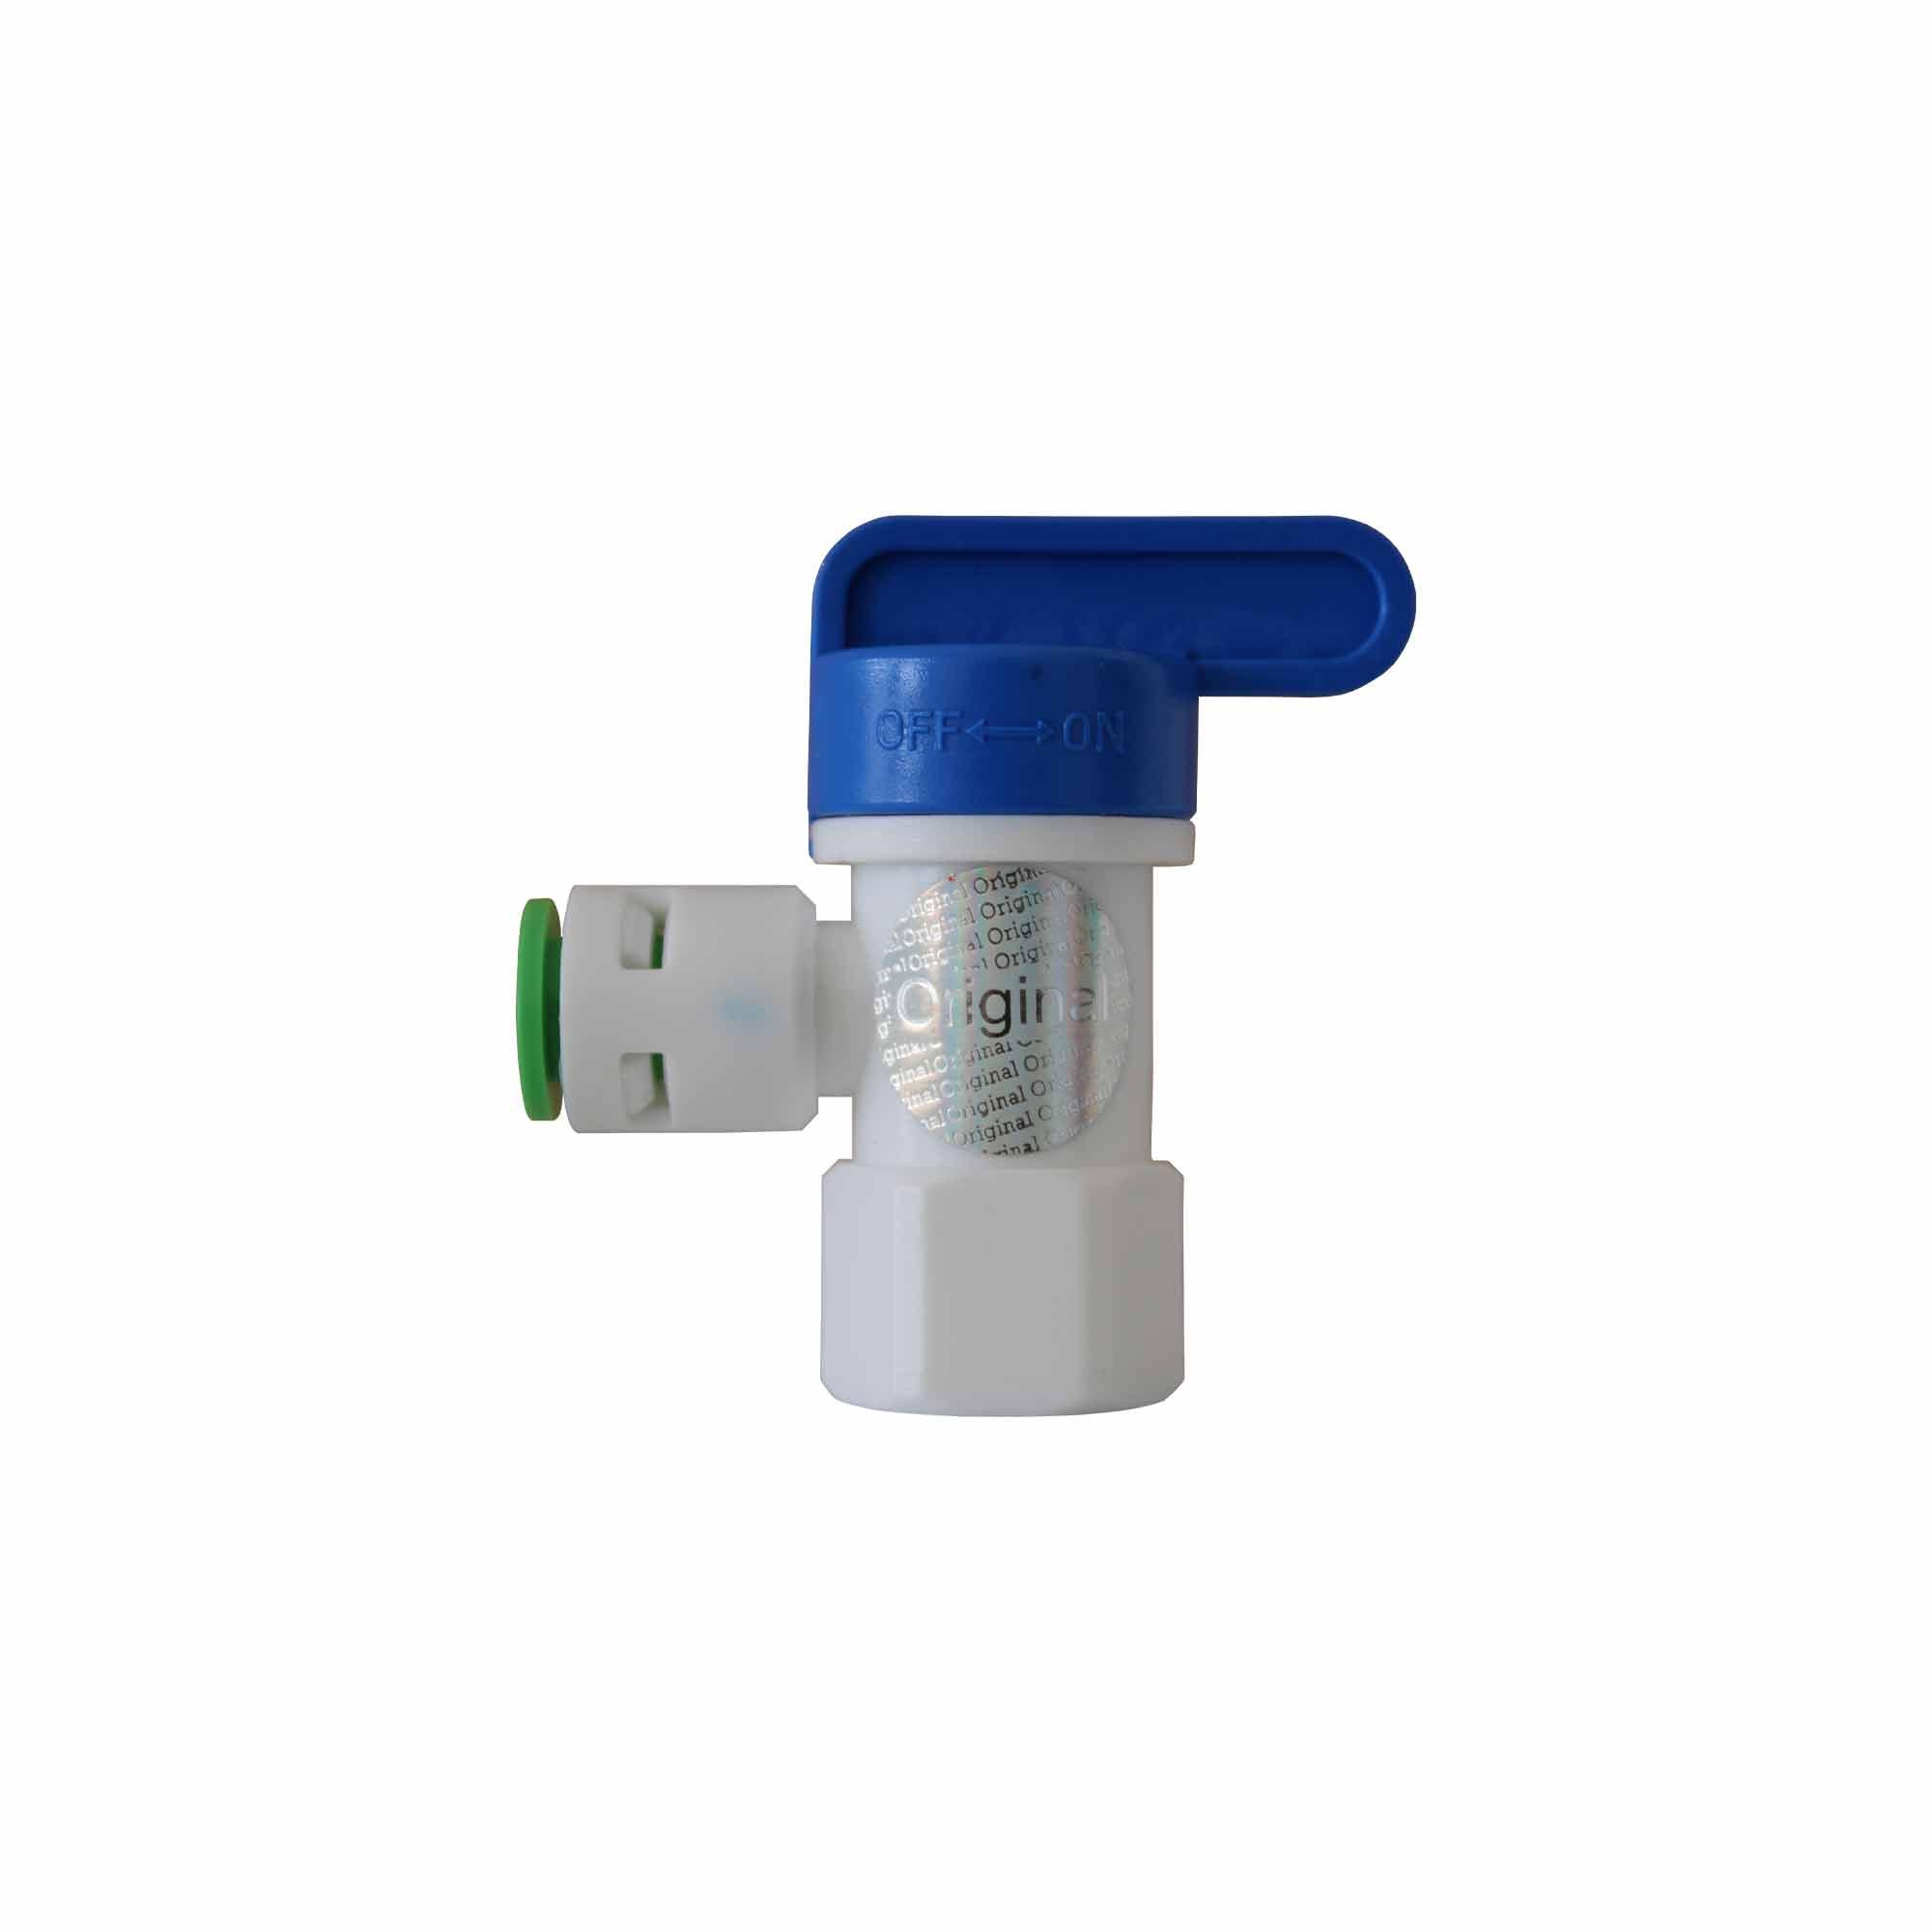 قیمت                                      شیر مخزن دستگاه تصفیه آب مدل Original